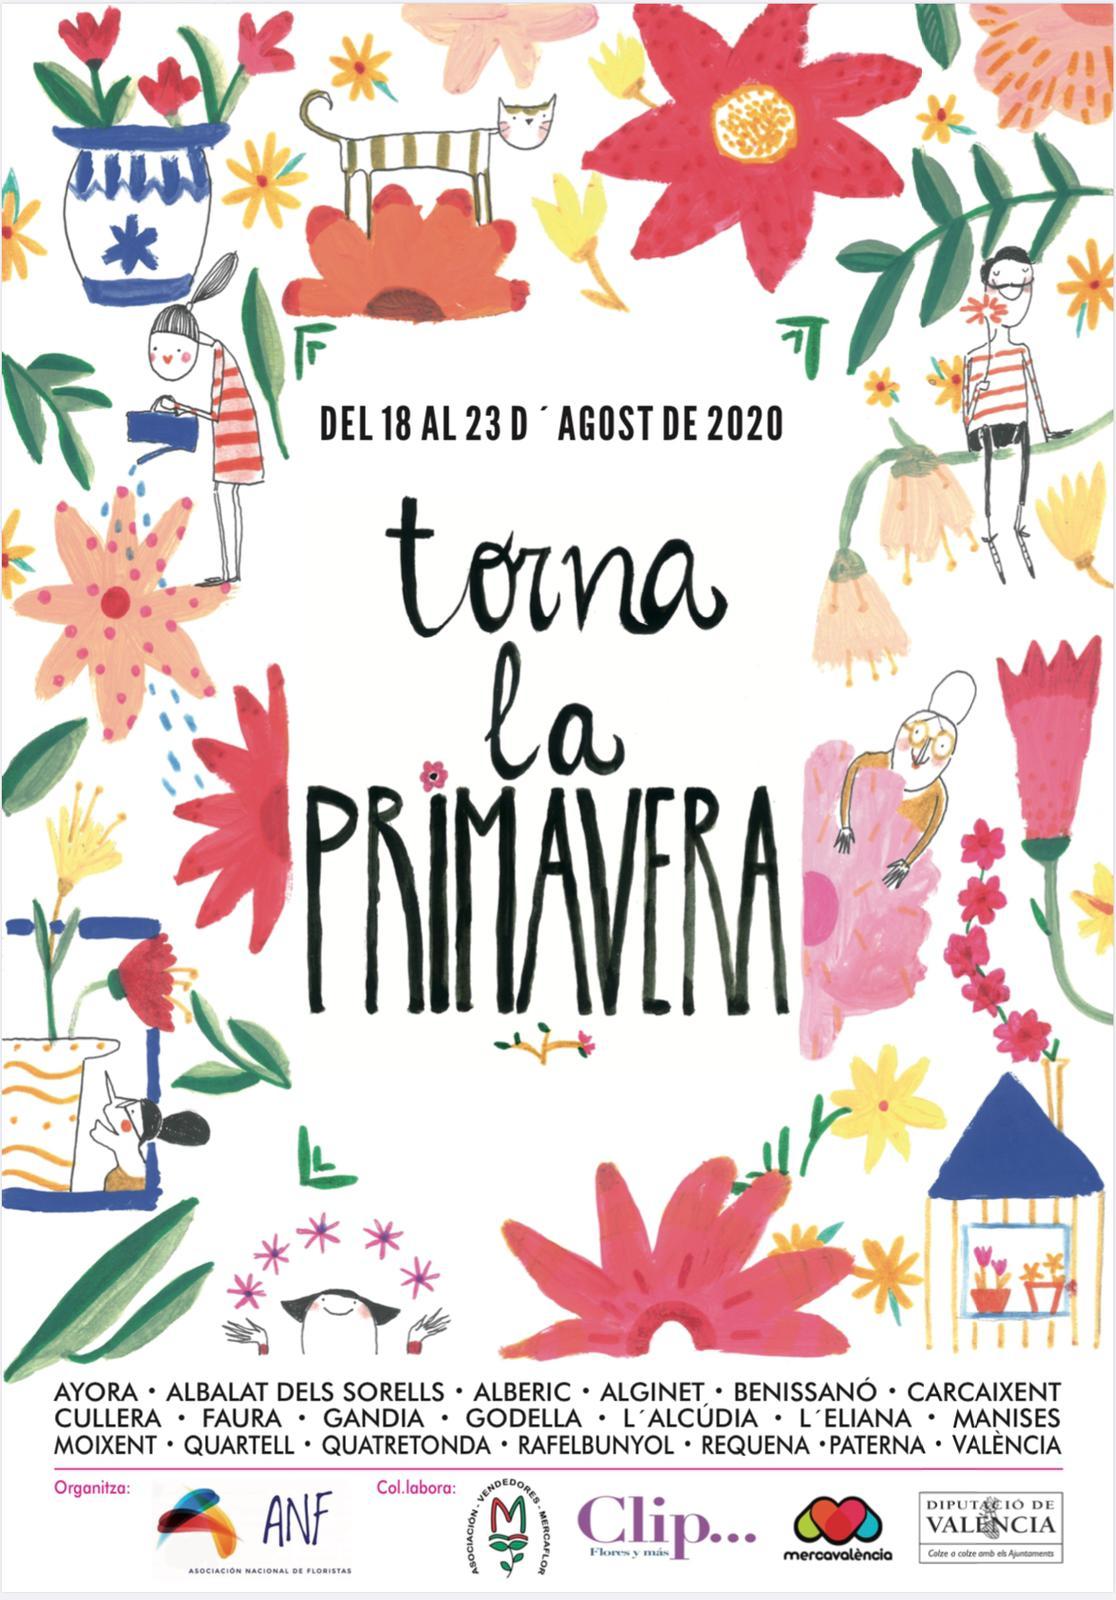 Gandia, Cullera i Carcaixent són alguns dels municipis que «recuperaran la primavera» del 18 al 23 d'agost